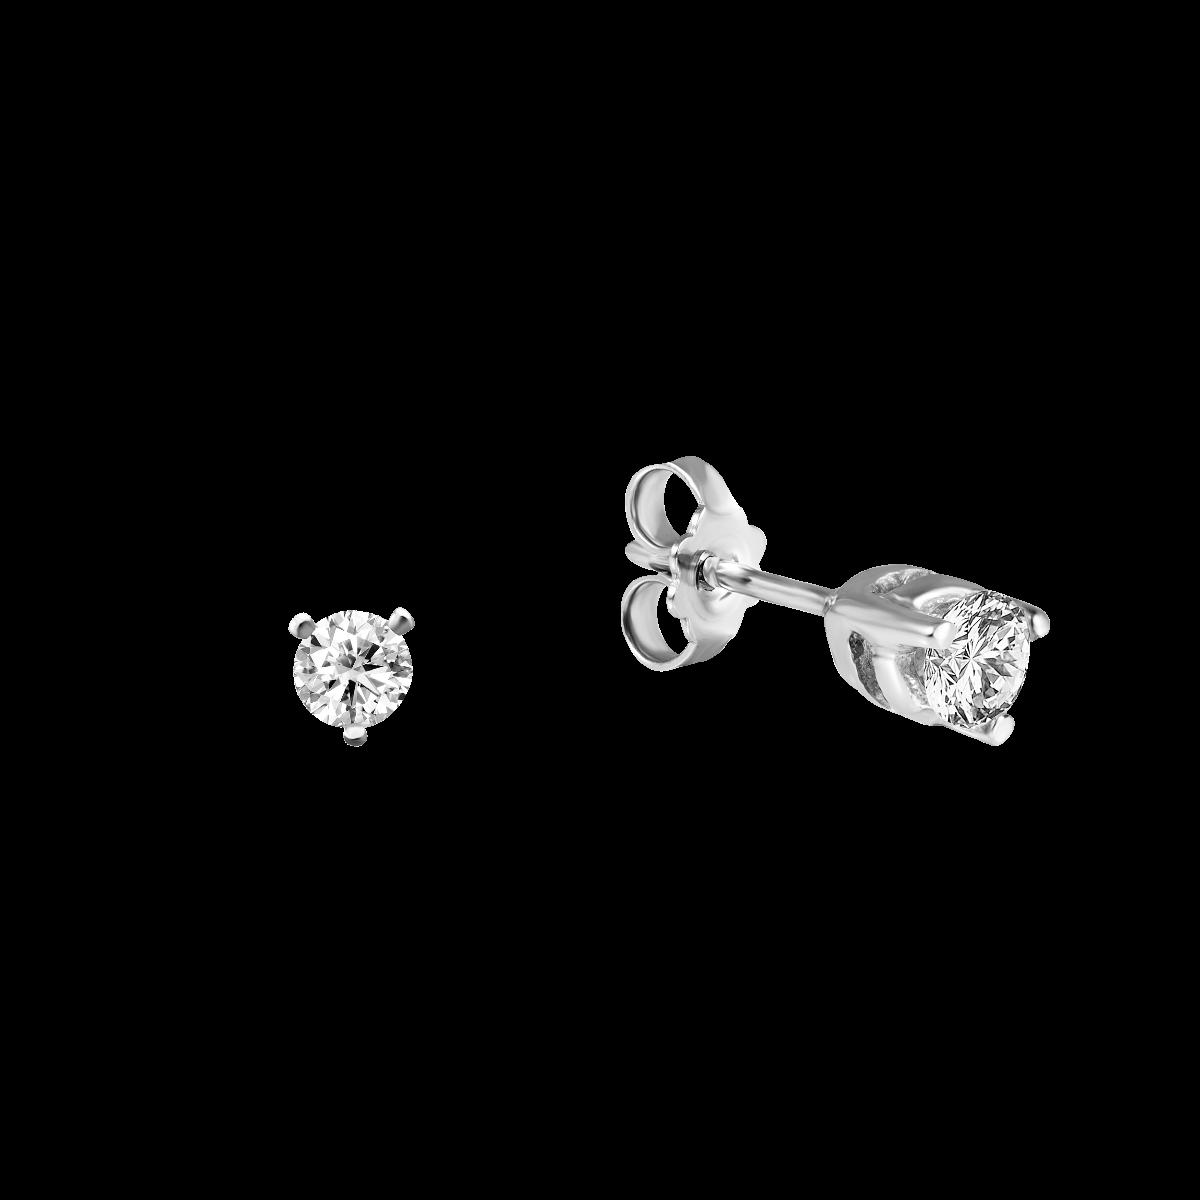 Brincos de diamantes curtos em ouro branco